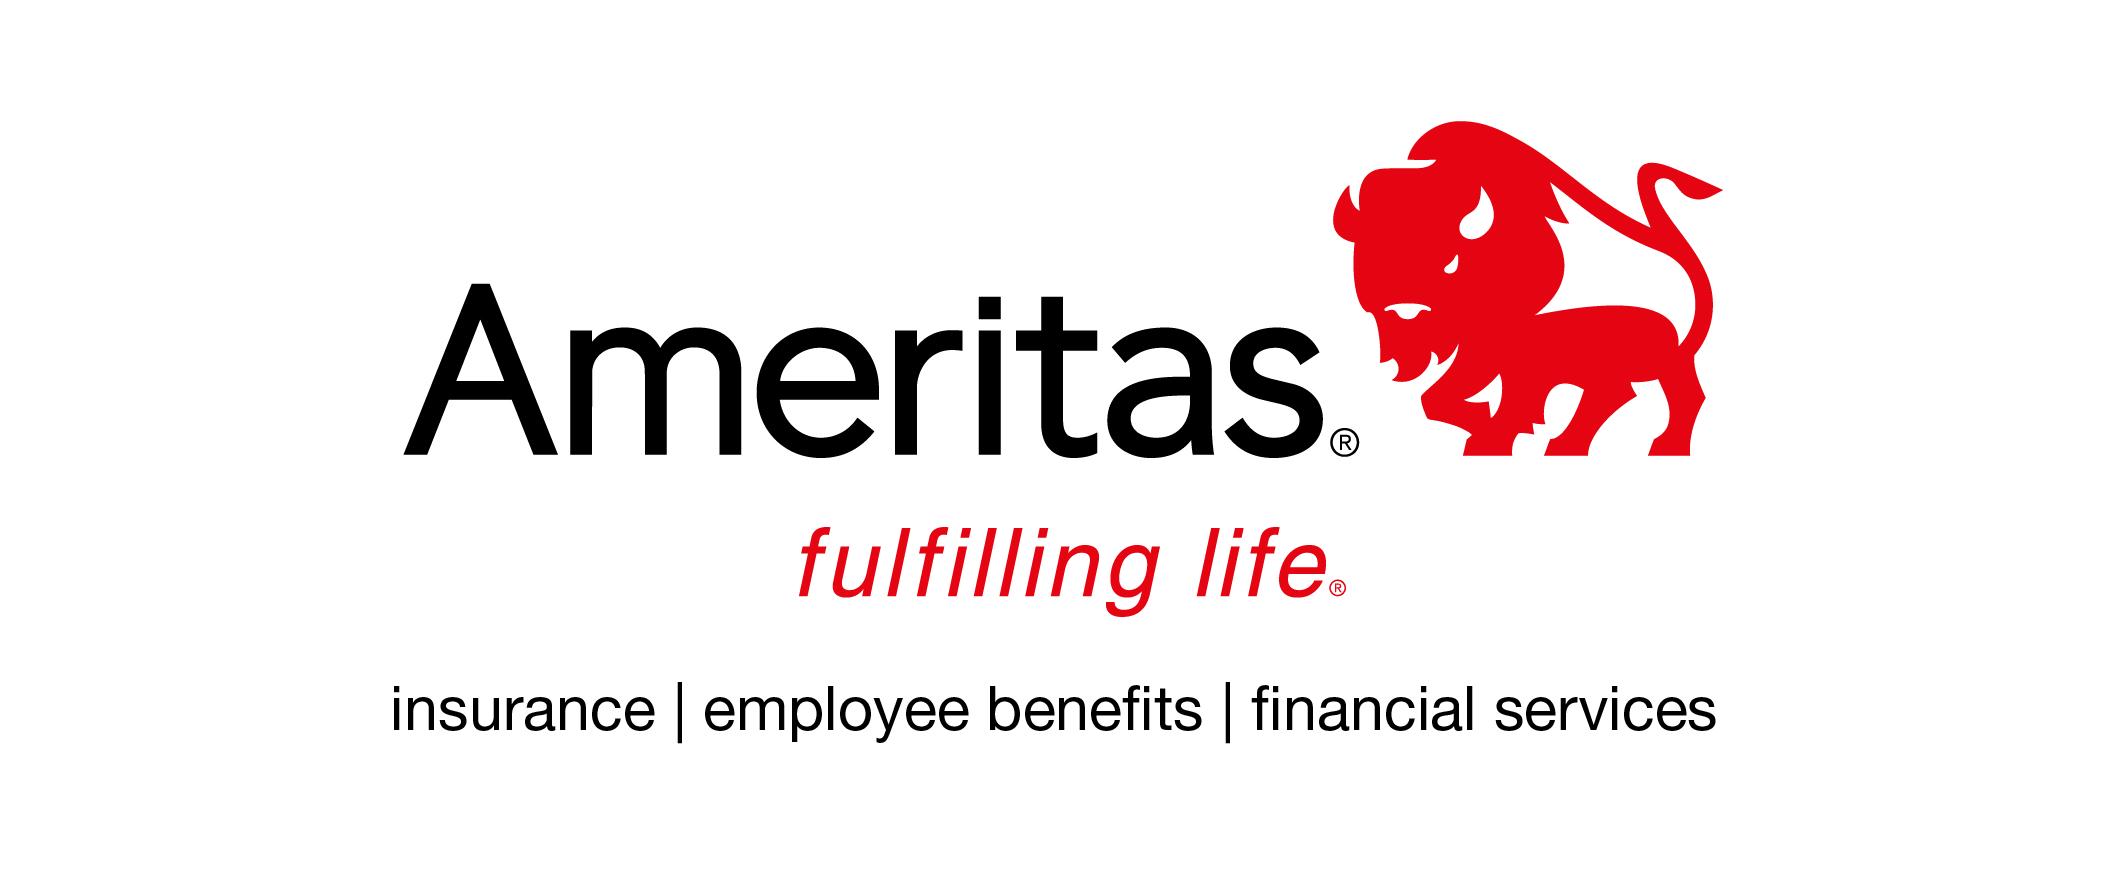 Ameritas ®